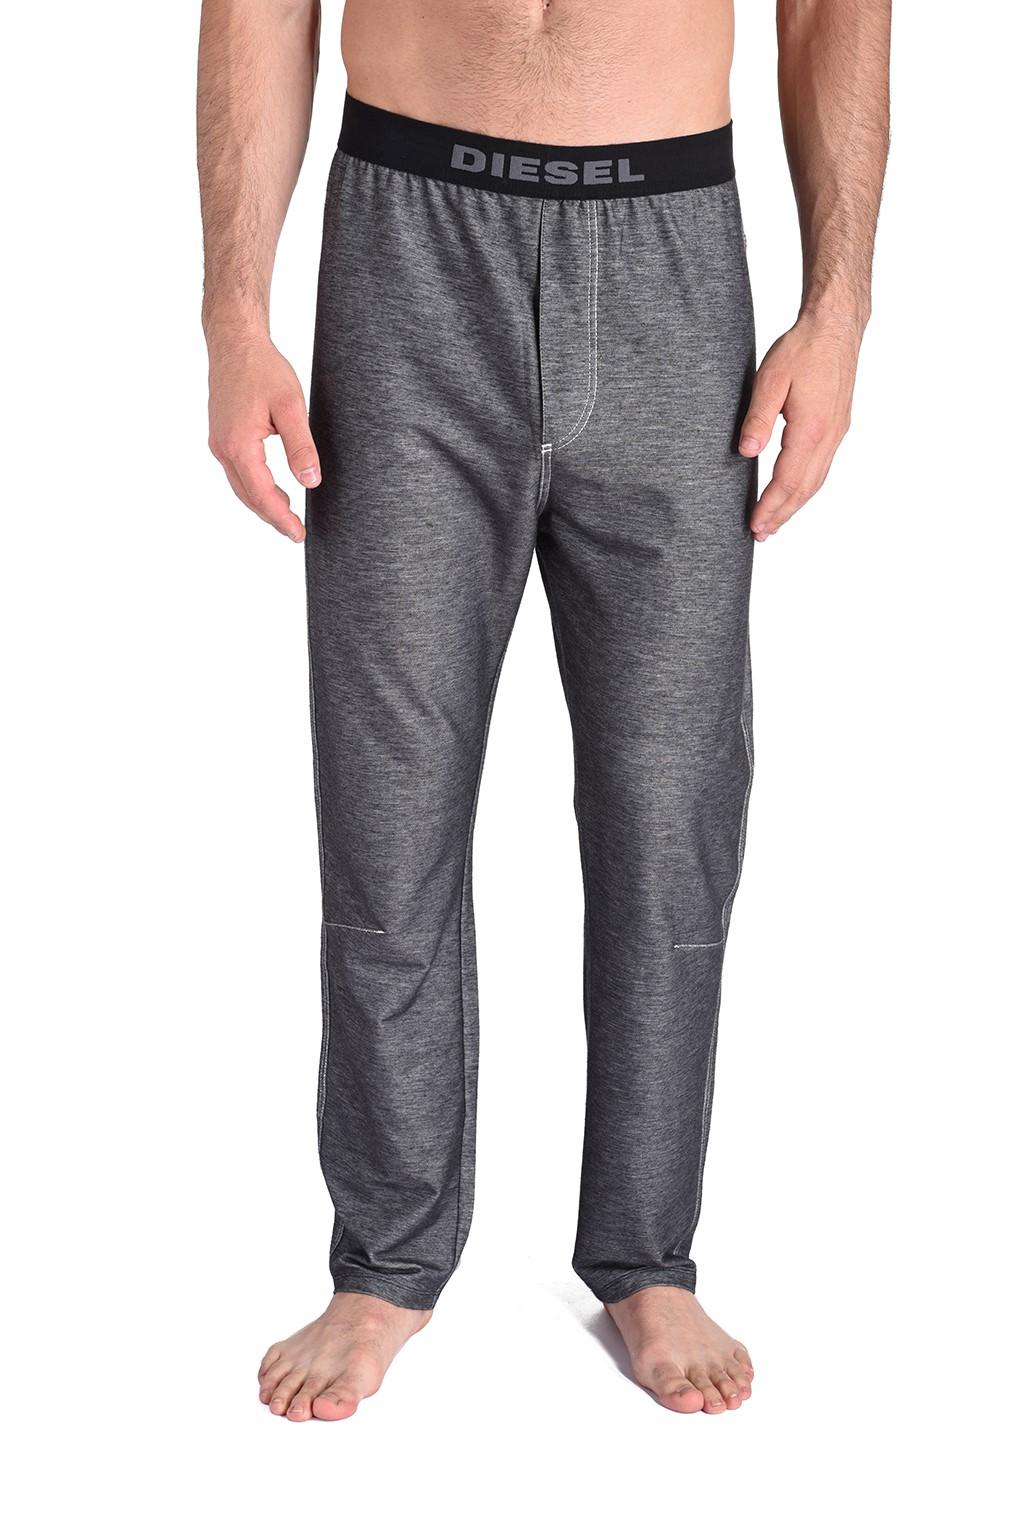 Pánské kalhoty DIESEL SJ3J - COOL360